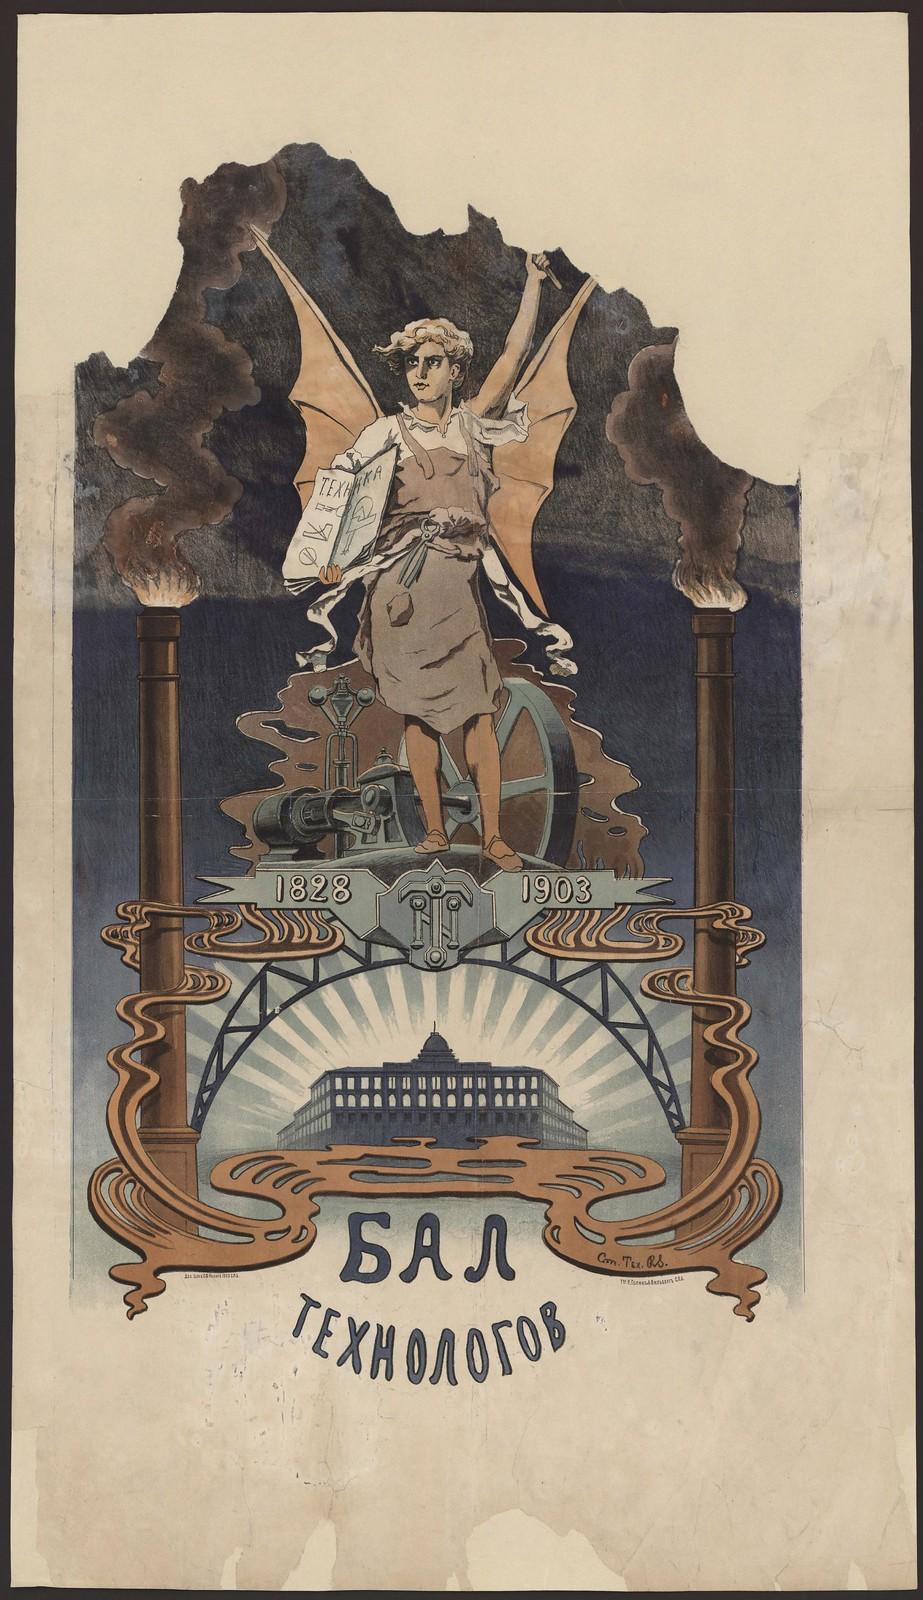 1903. Бал технологов 1828-1903